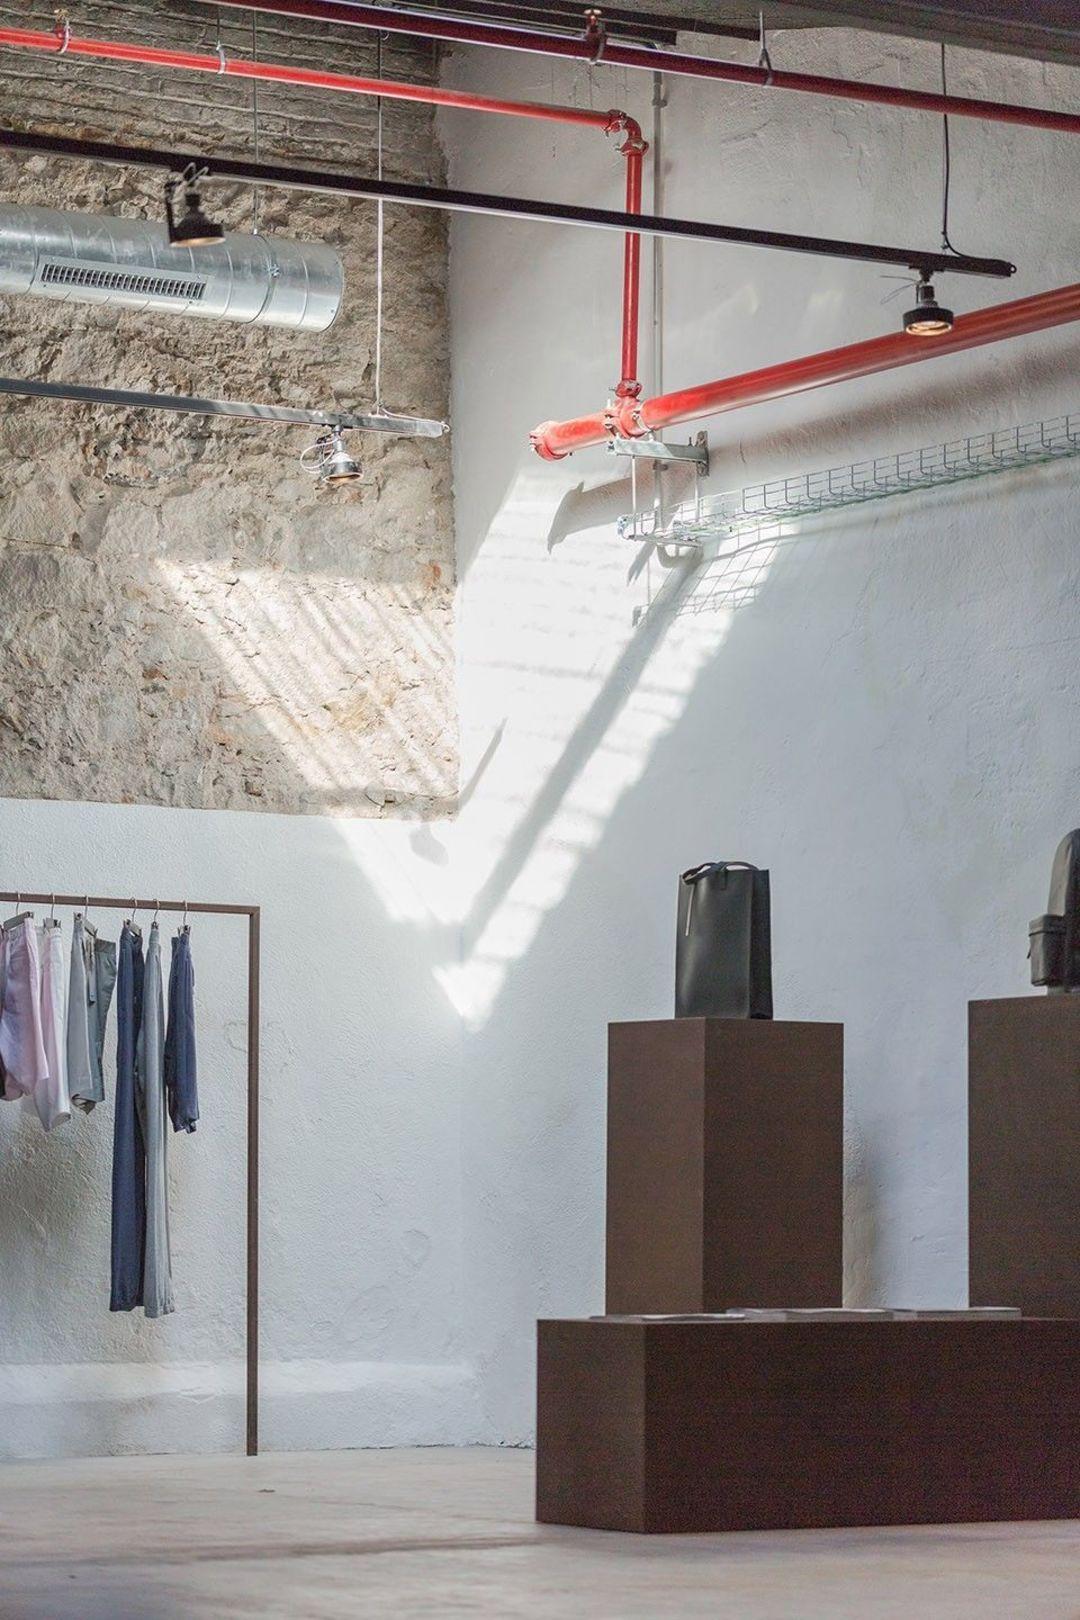 又有这样一家店,可以让你买衣服看展览还能喝咖啡_设计_好奇心日报